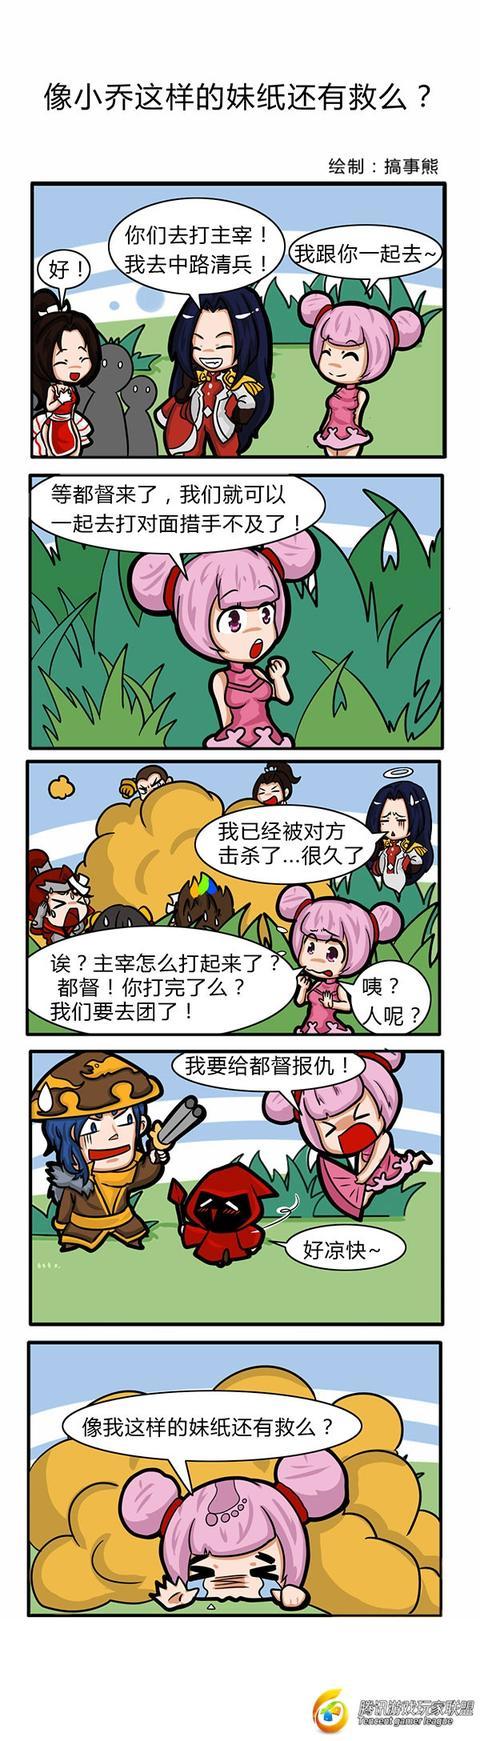 王者荣耀:小乔皮肤被削,网友吐槽不断裙子再短也没用!